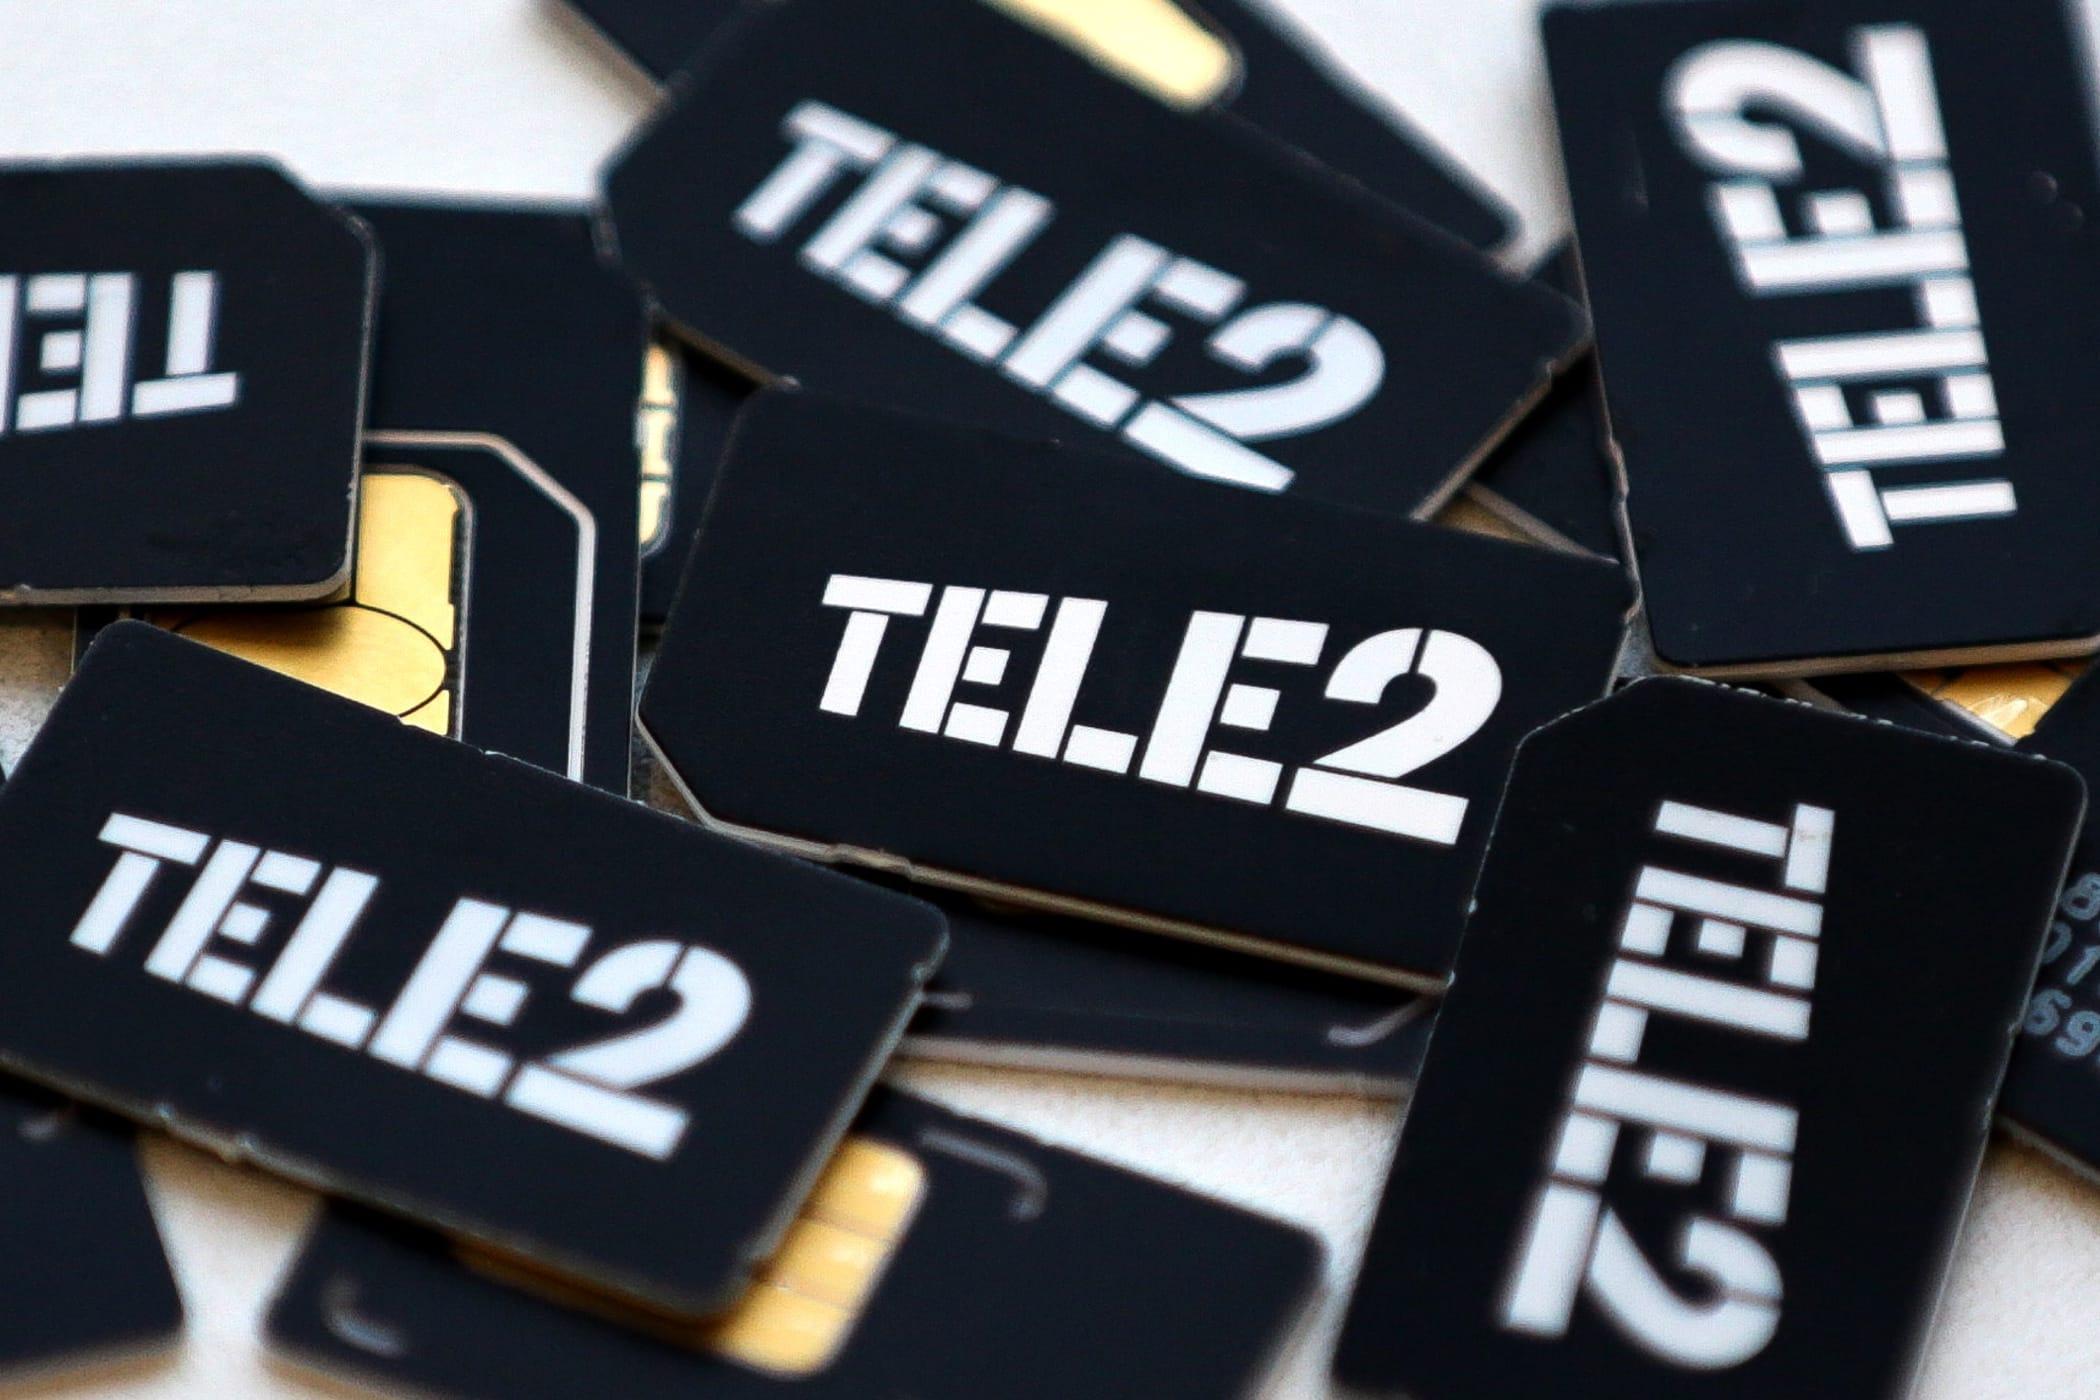 Как сделать переадресацию с теле2 на мегафон фото 176